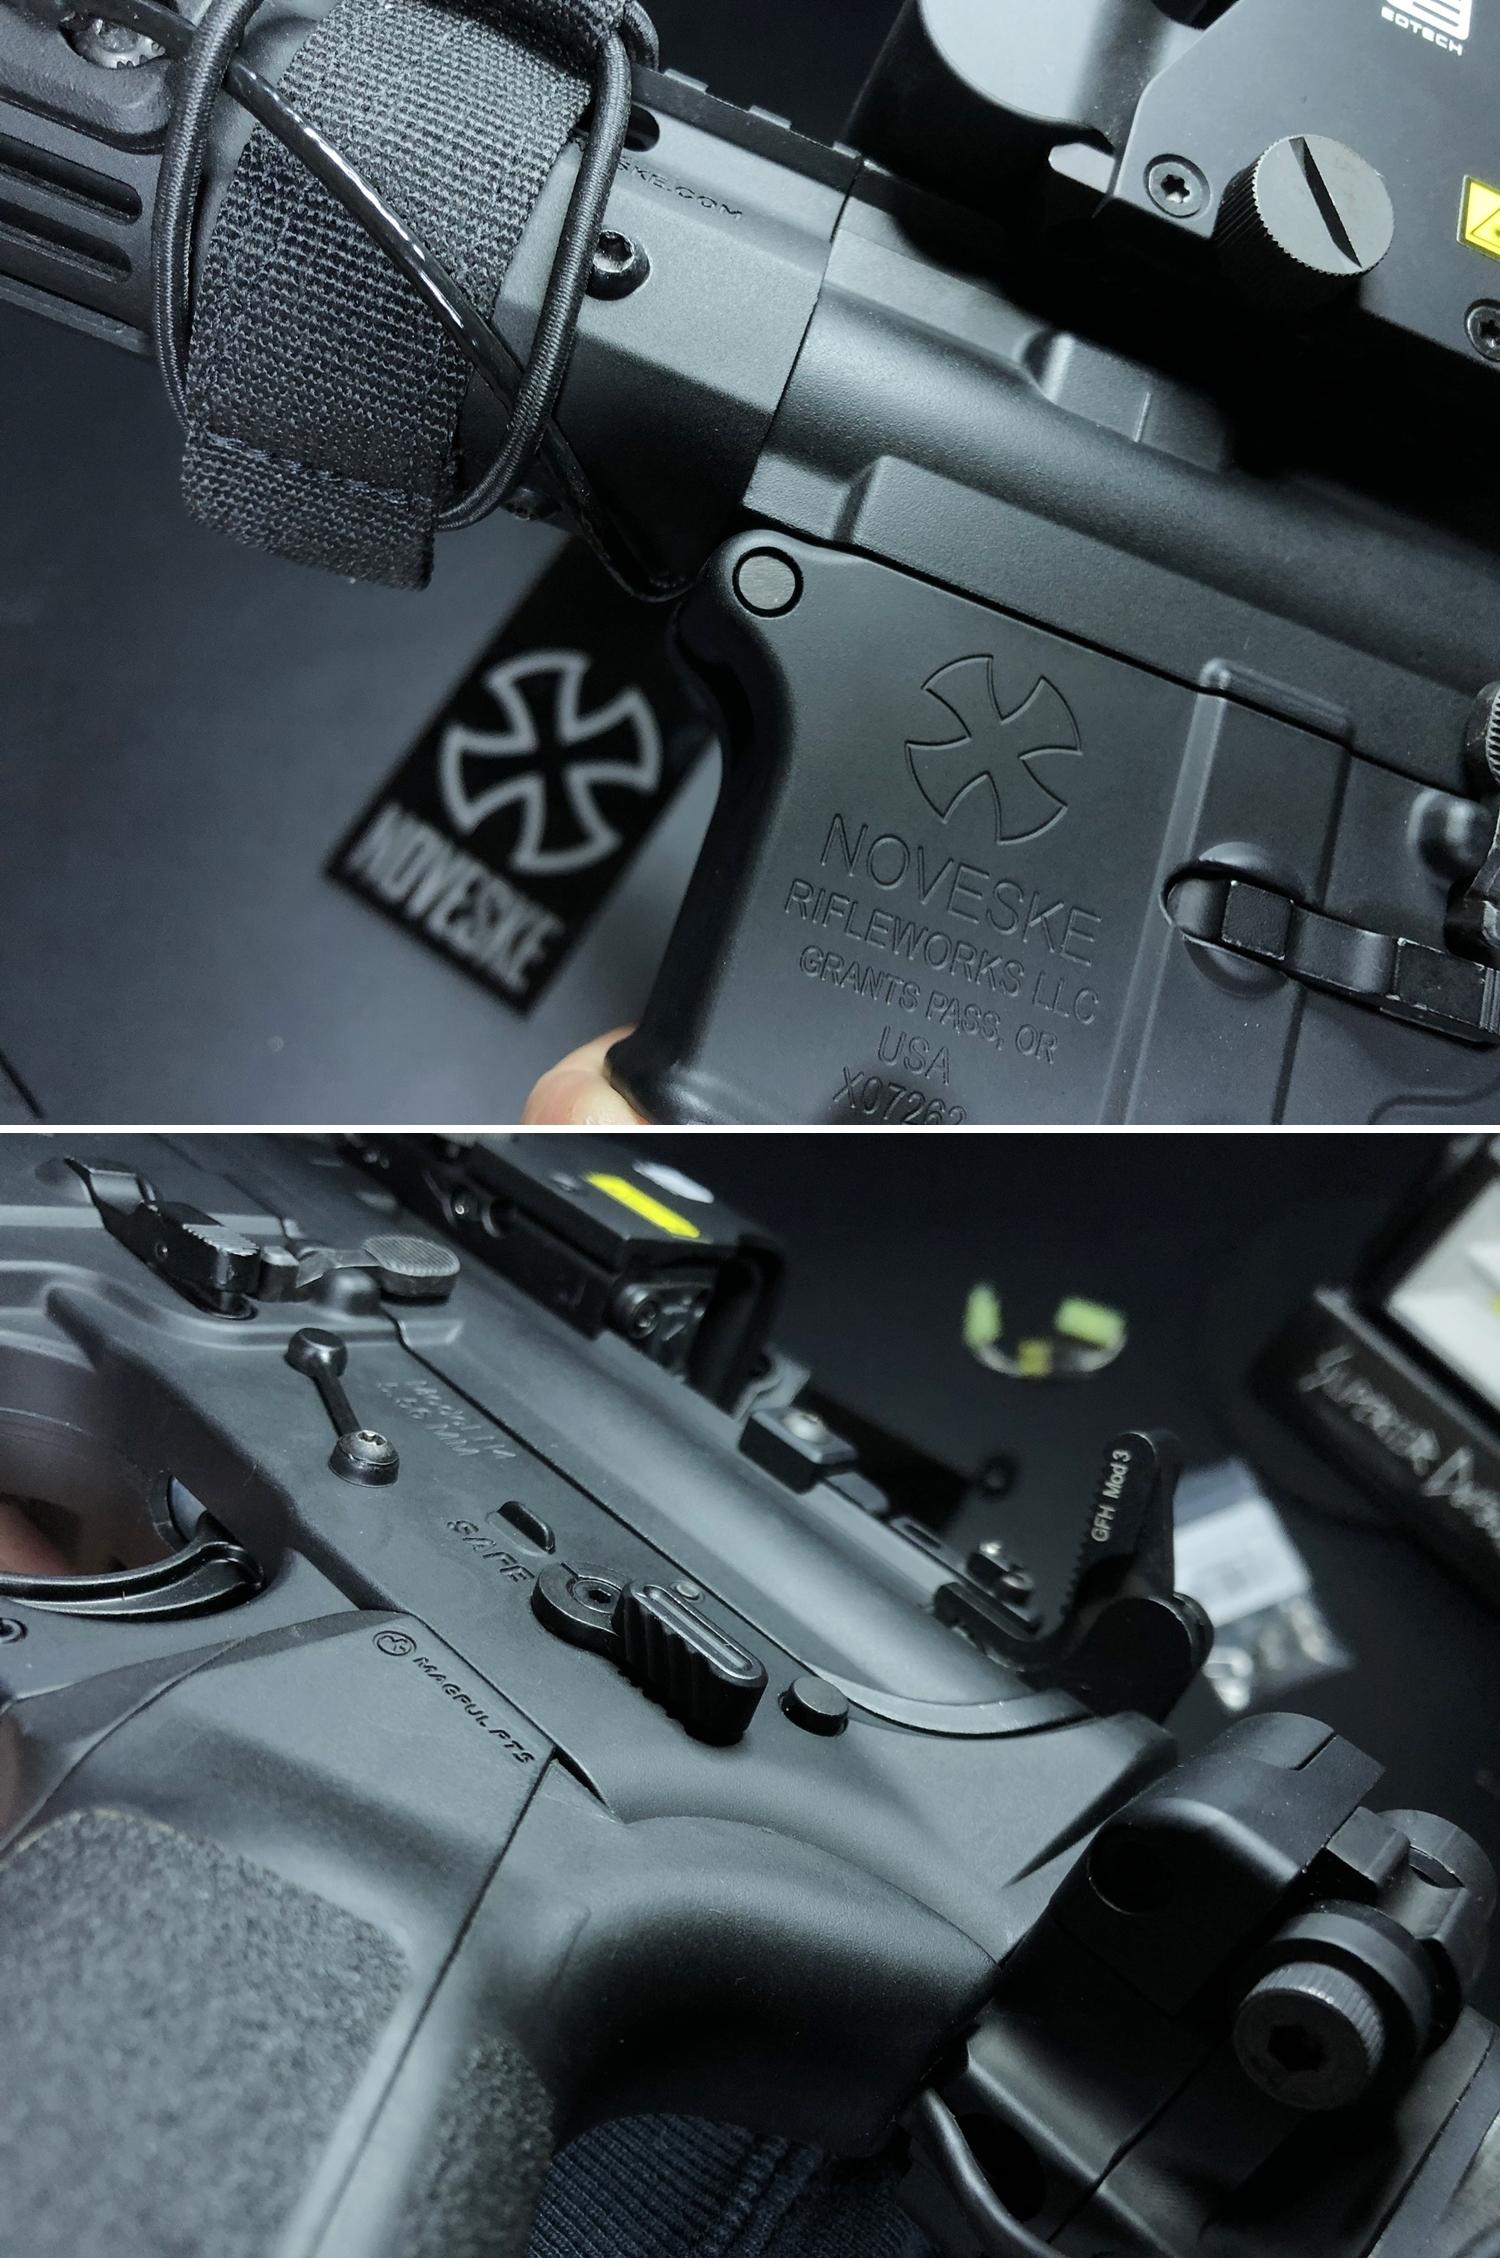 23 実物 NOVESKE AR-15 TAKEDOWN & PIVOT STEEL PIN!! 実物ピンを次世代M4へ対応させるべく簡易的DIY加工だ!ノベスケ ノベスキー スチール テイクダウン ピポッドピン! DIY 加工 カスタム 簡易的 旋盤加工 取付 レビ